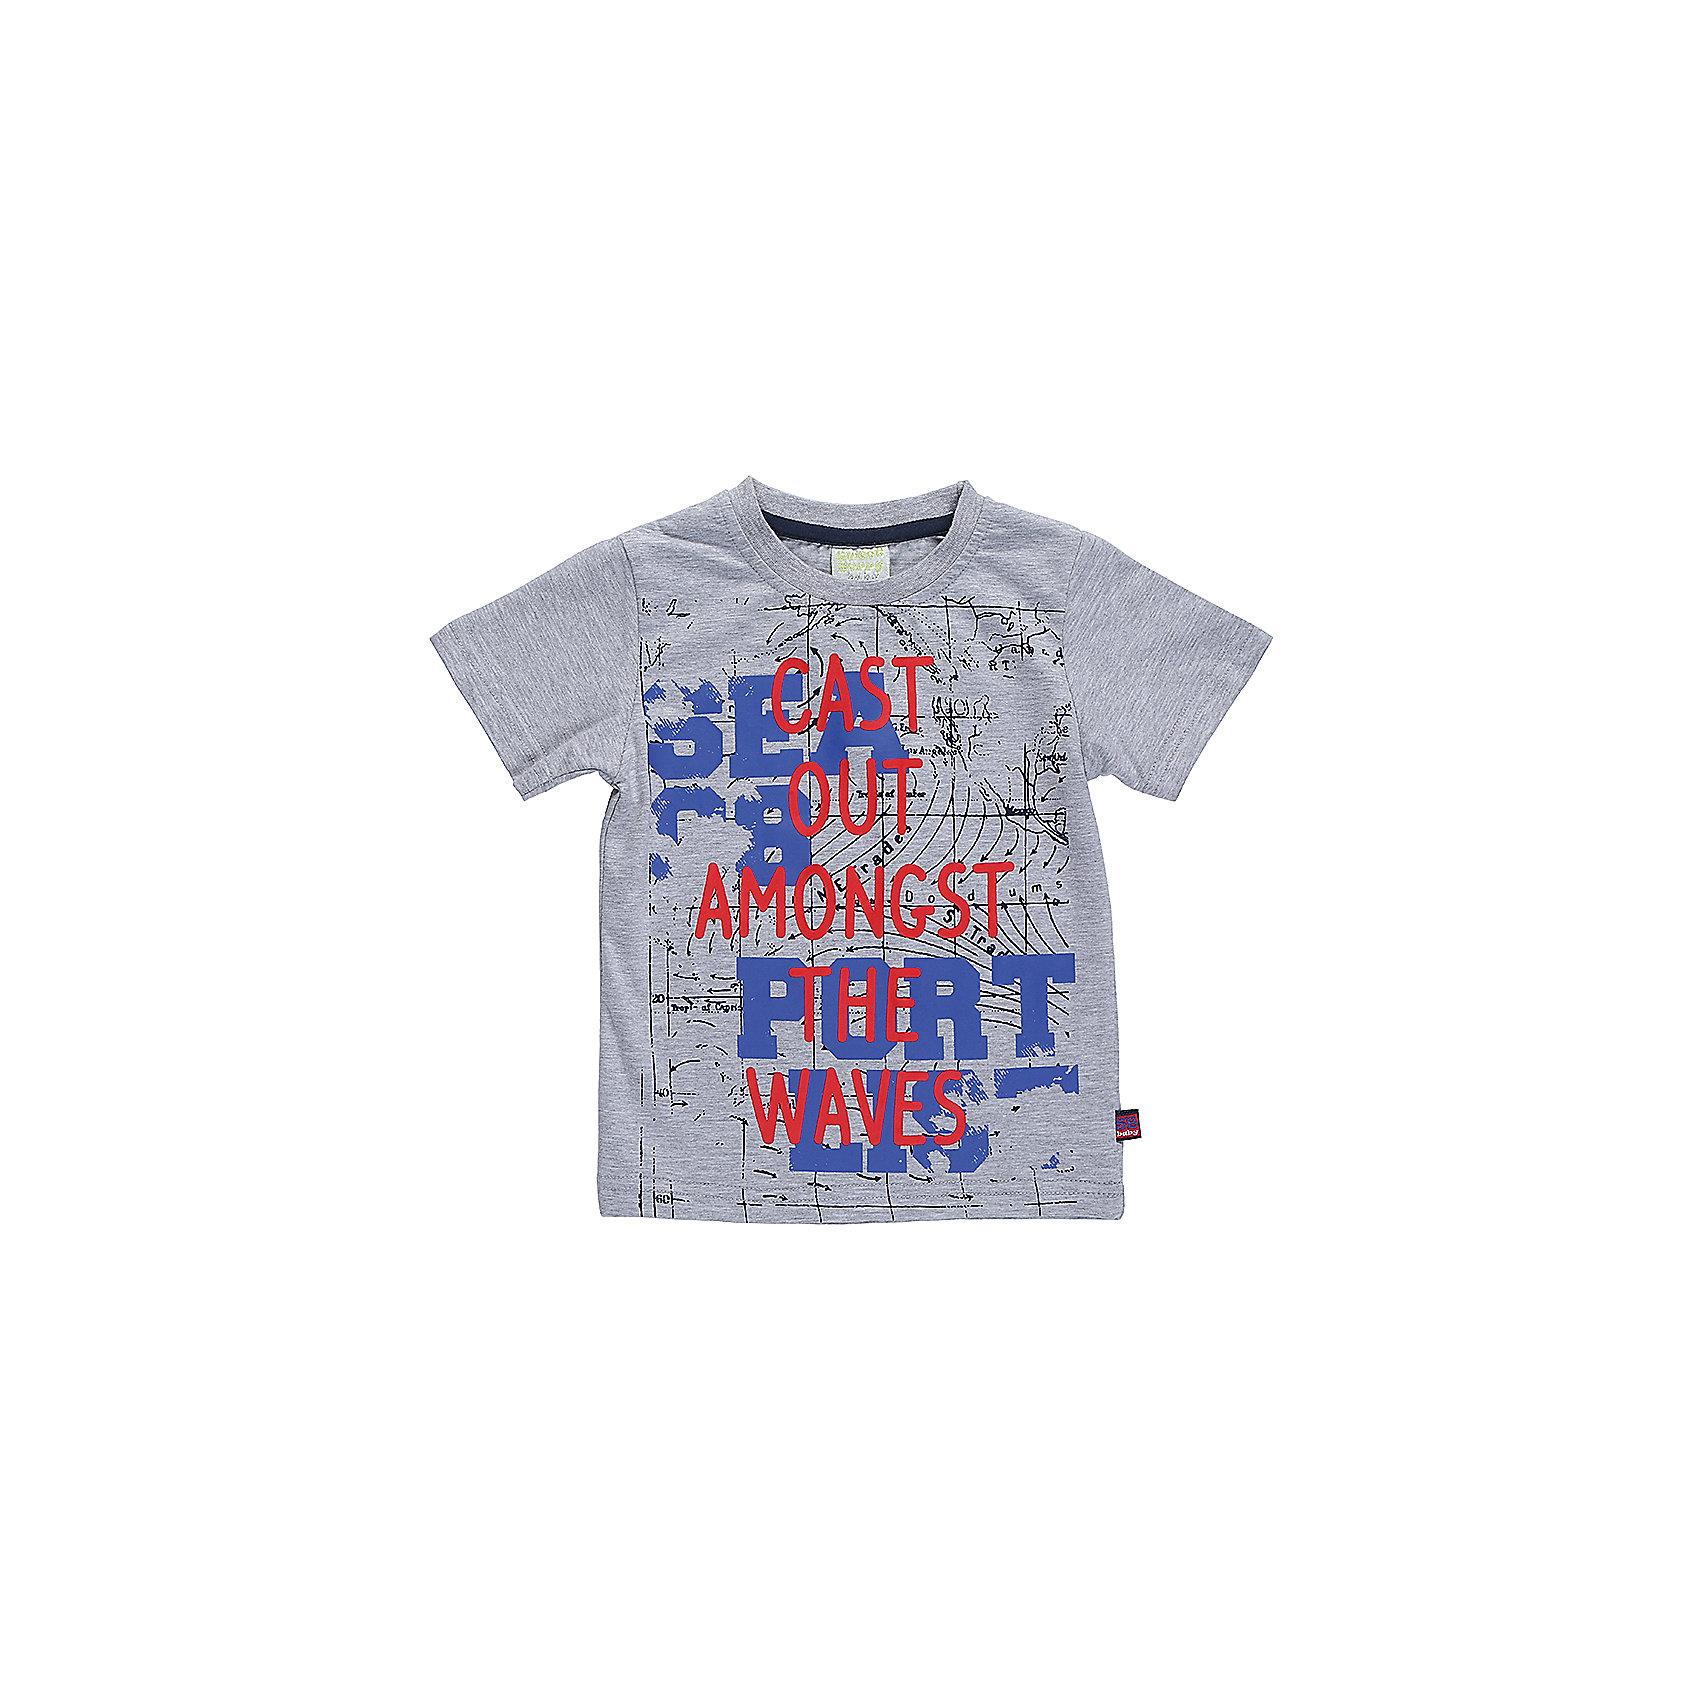 Футболка для мальчика Sweet BerryМеланжевая футболка из трикотажной тканис разноцветным принтом для мальчика.<br>Состав:<br>95%хлопок 5%эластан<br><br>Ширина мм: 199<br>Глубина мм: 10<br>Высота мм: 161<br>Вес г: 151<br>Цвет: серый<br>Возраст от месяцев: 12<br>Возраст до месяцев: 15<br>Пол: Мужской<br>Возраст: Детский<br>Размер: 80,86,92,98<br>SKU: 5411805